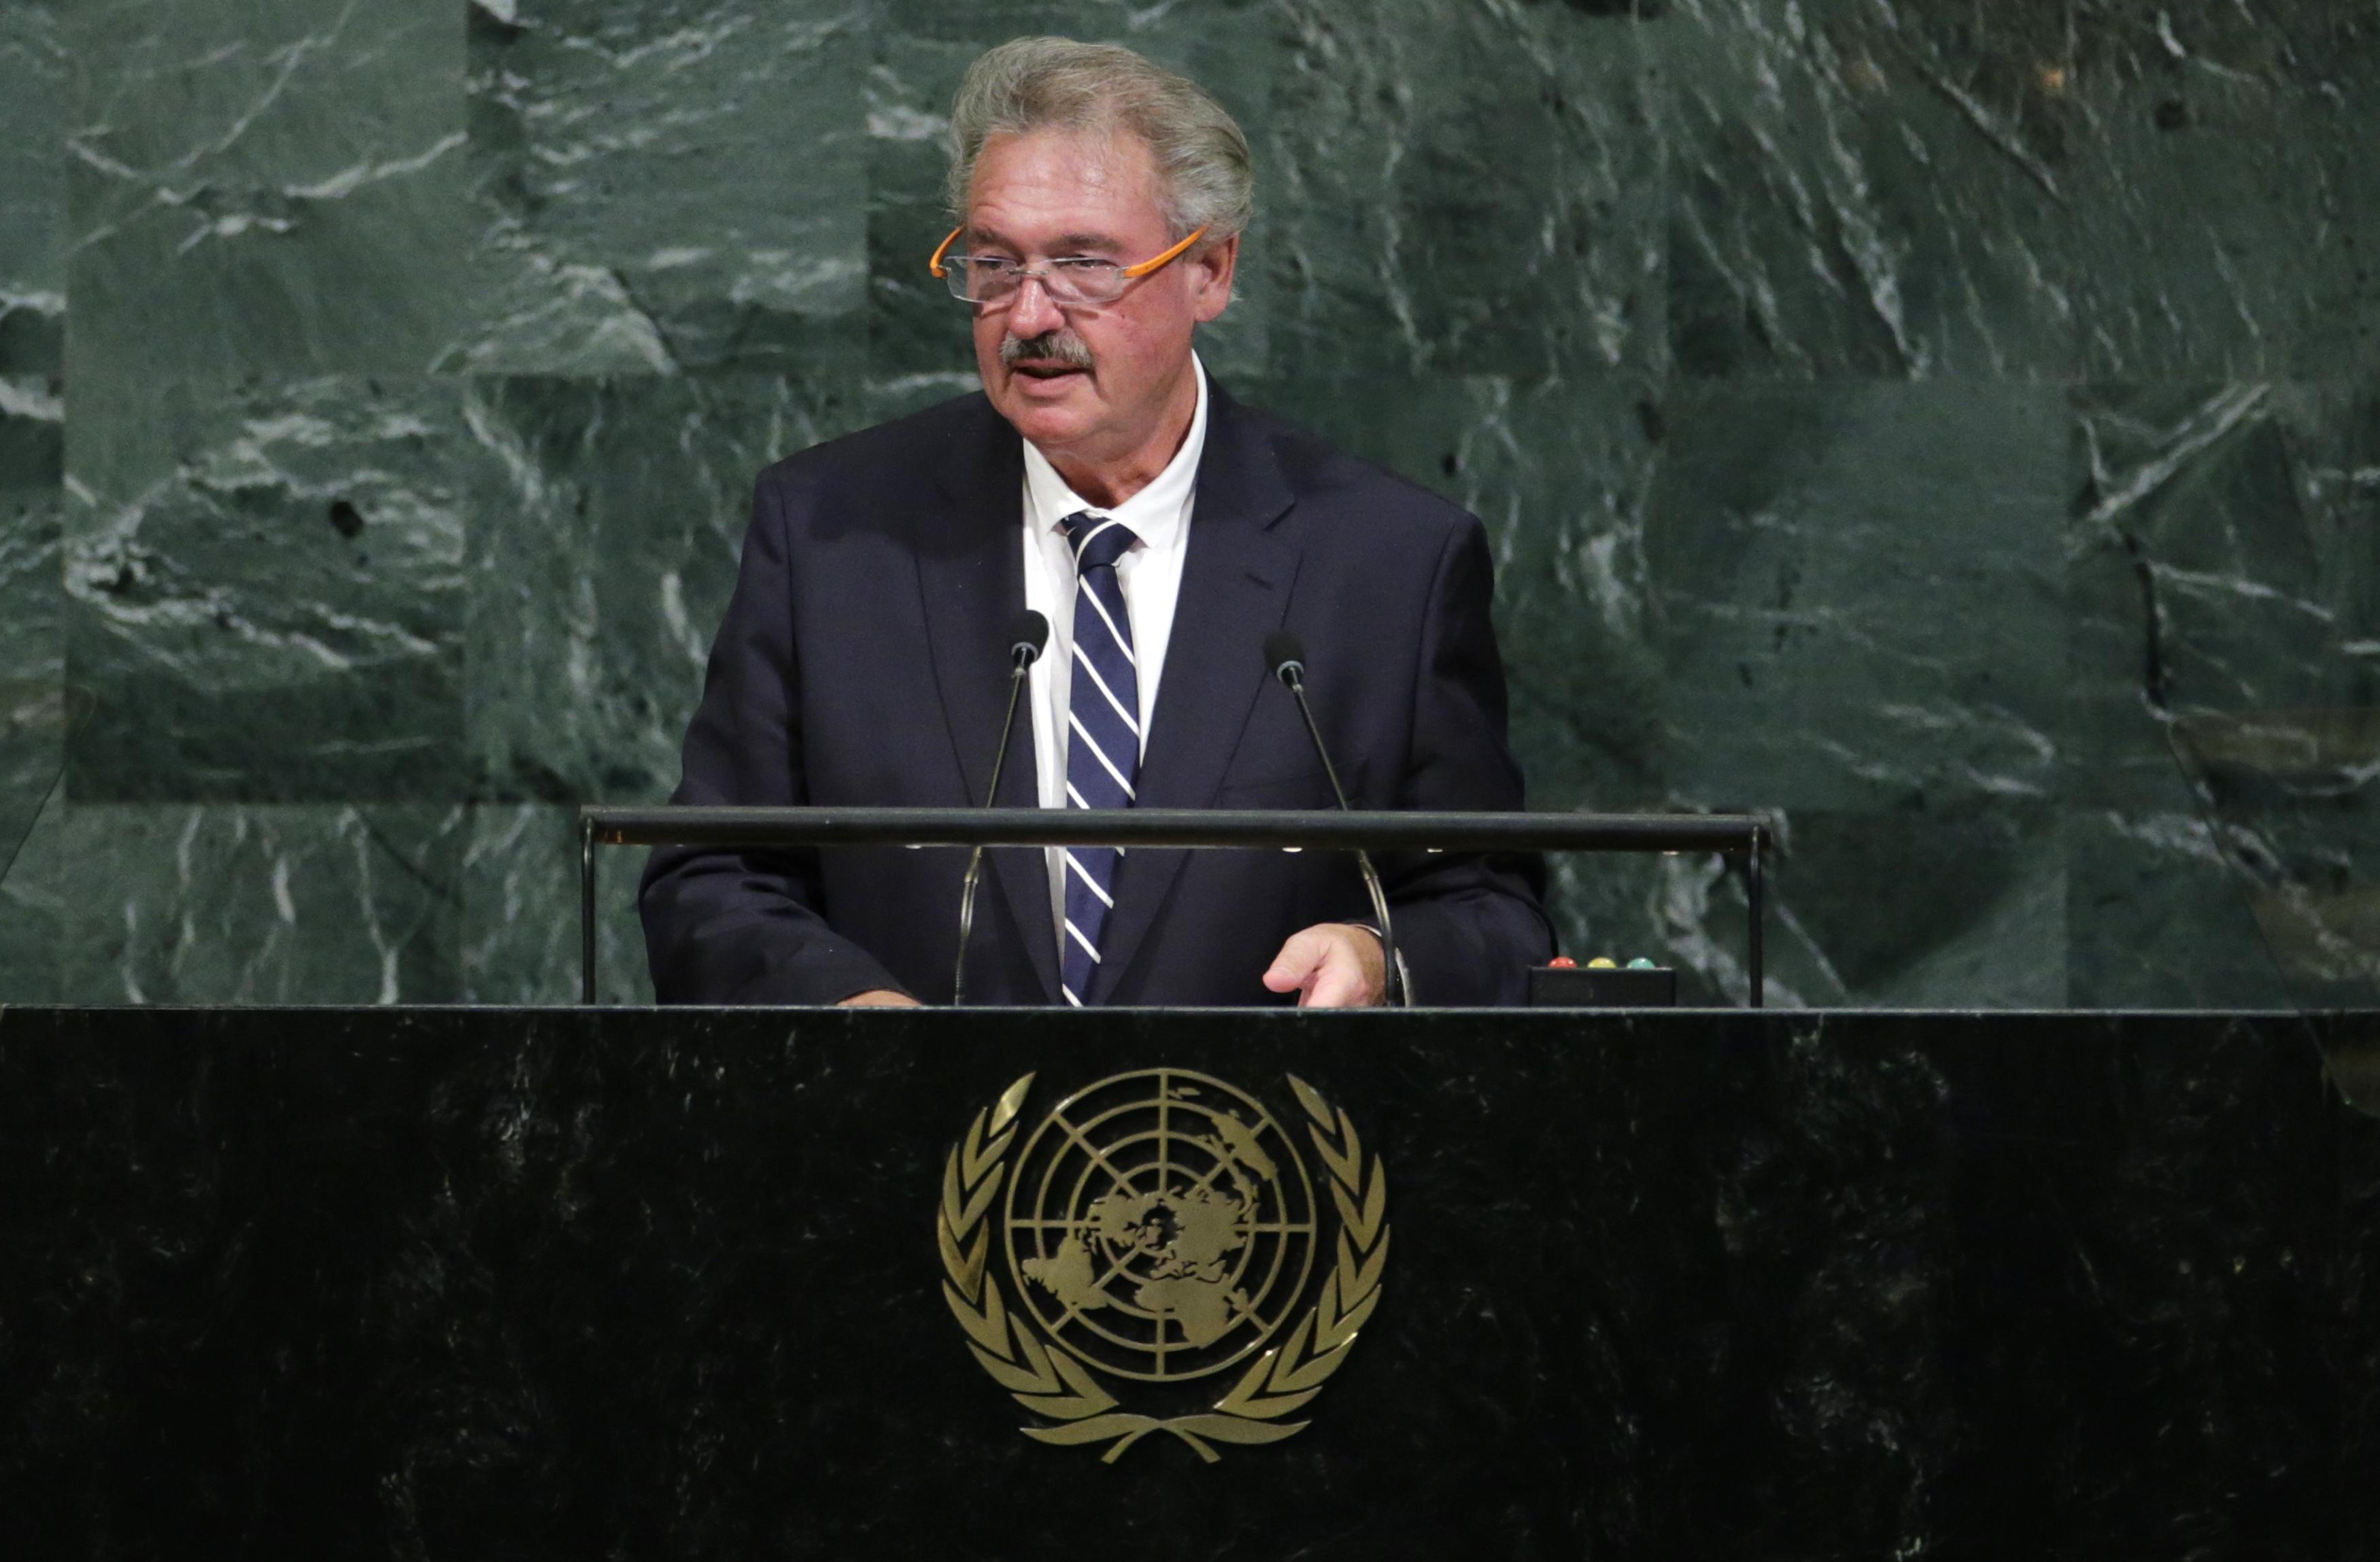 EU should recognise Palestinian state after U.S. backs Israeli...